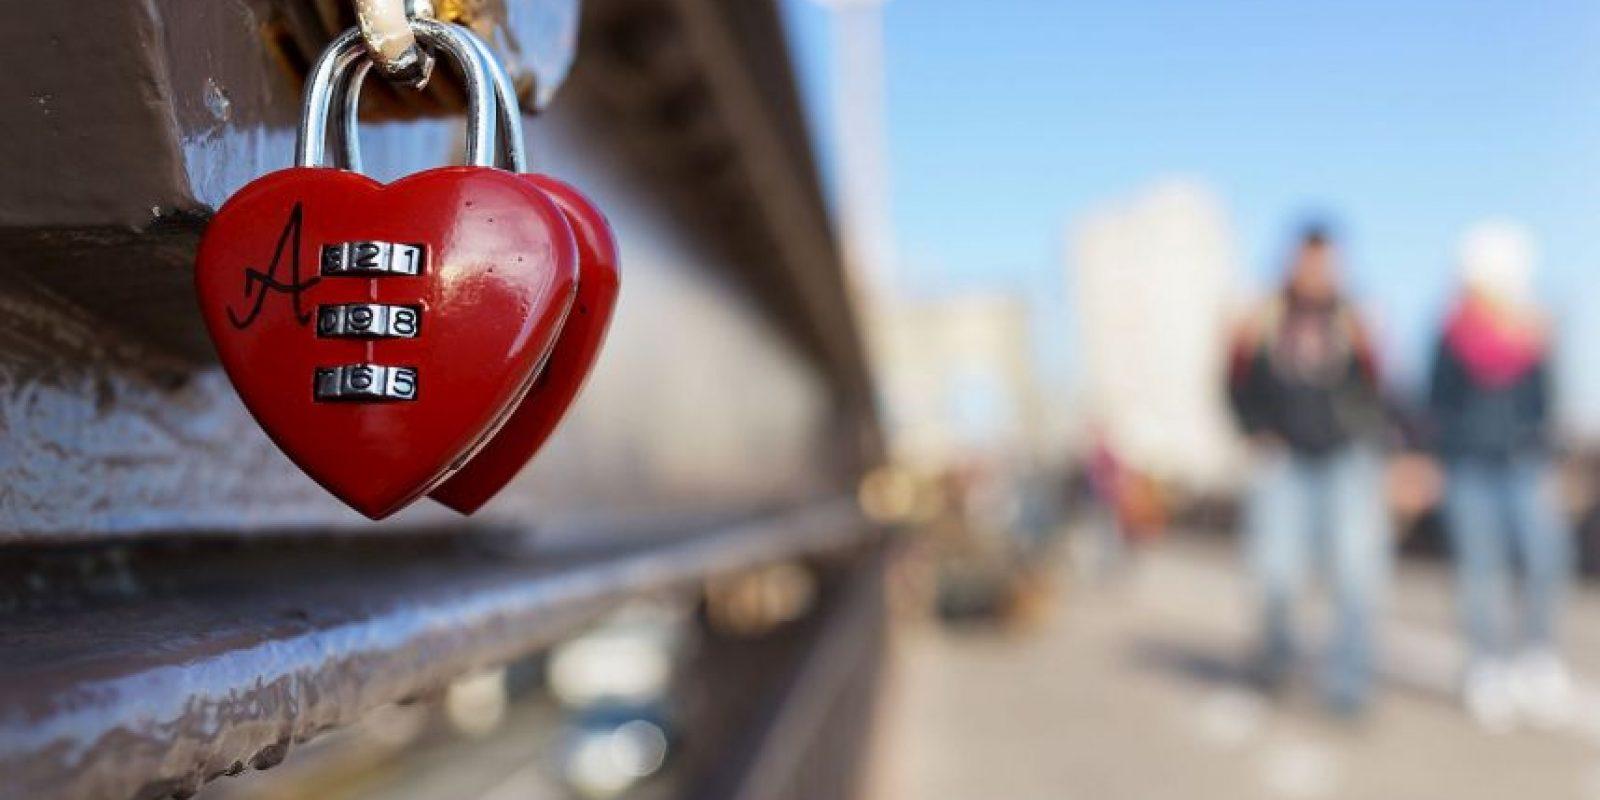 La importancia de la alimentación en el Día de San Valentín puede venir abajo a un simple hecho biológico. Foto:Getty Images